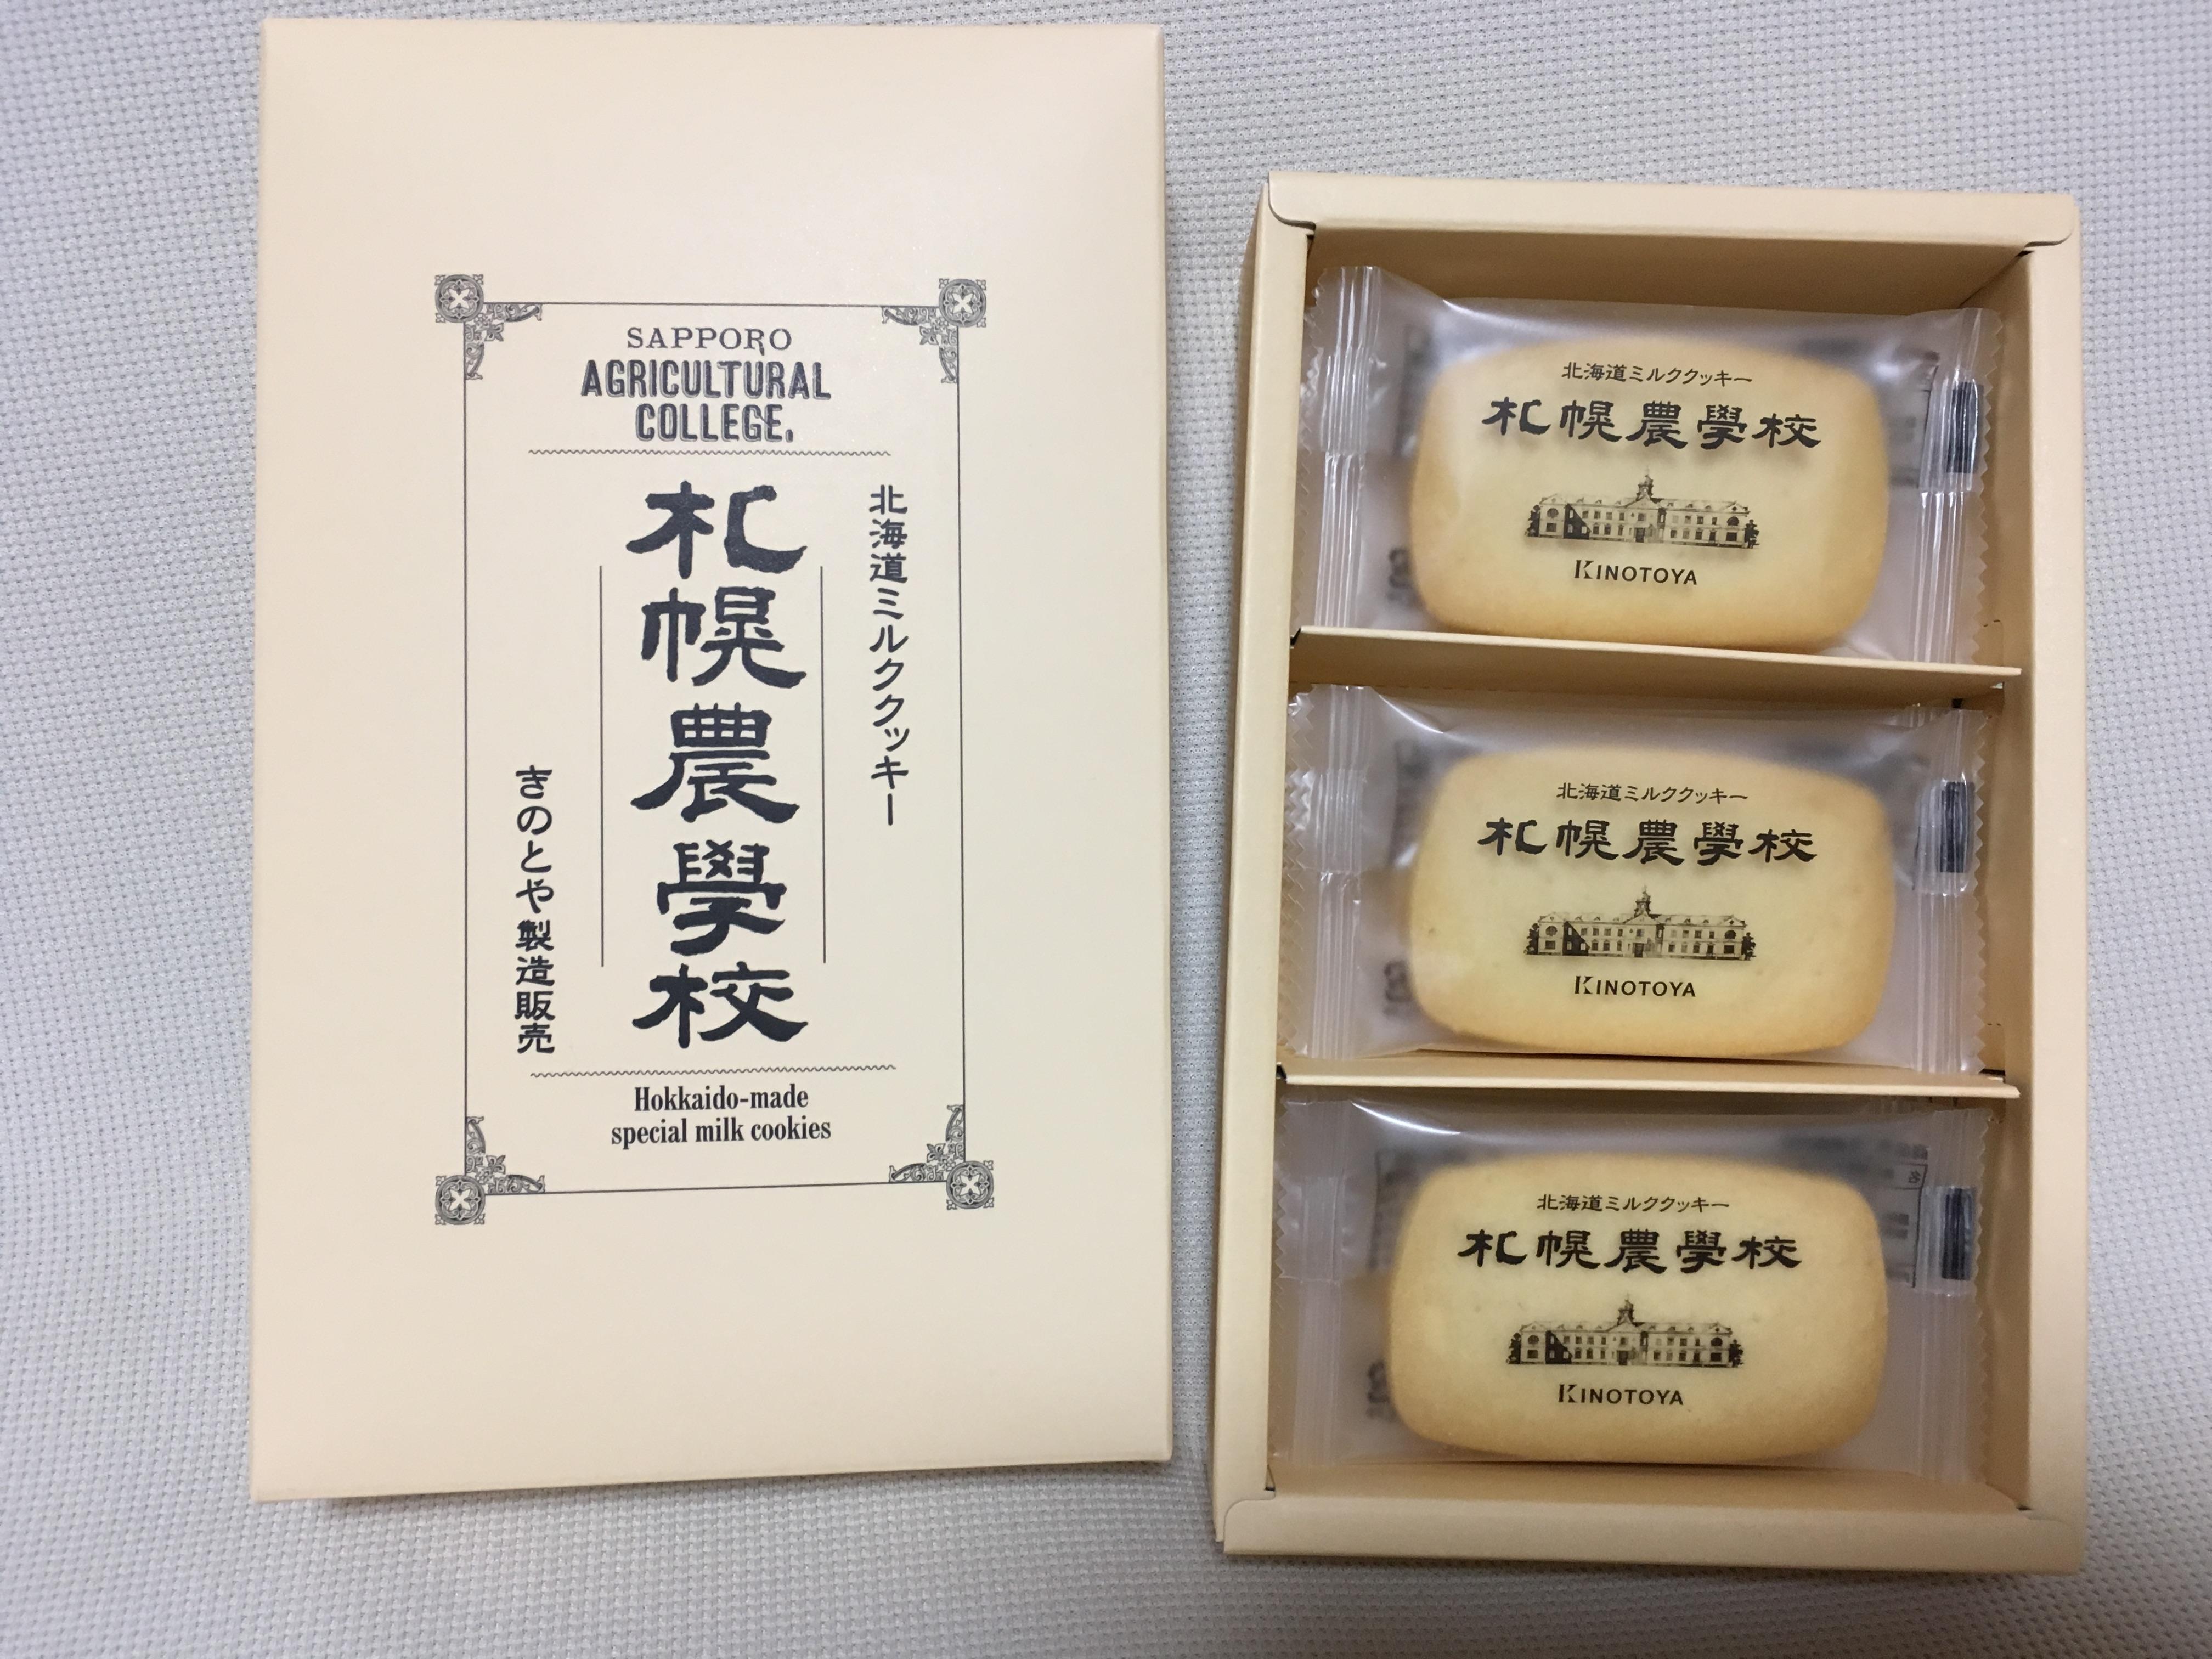 クッキー 札幌 農 学校